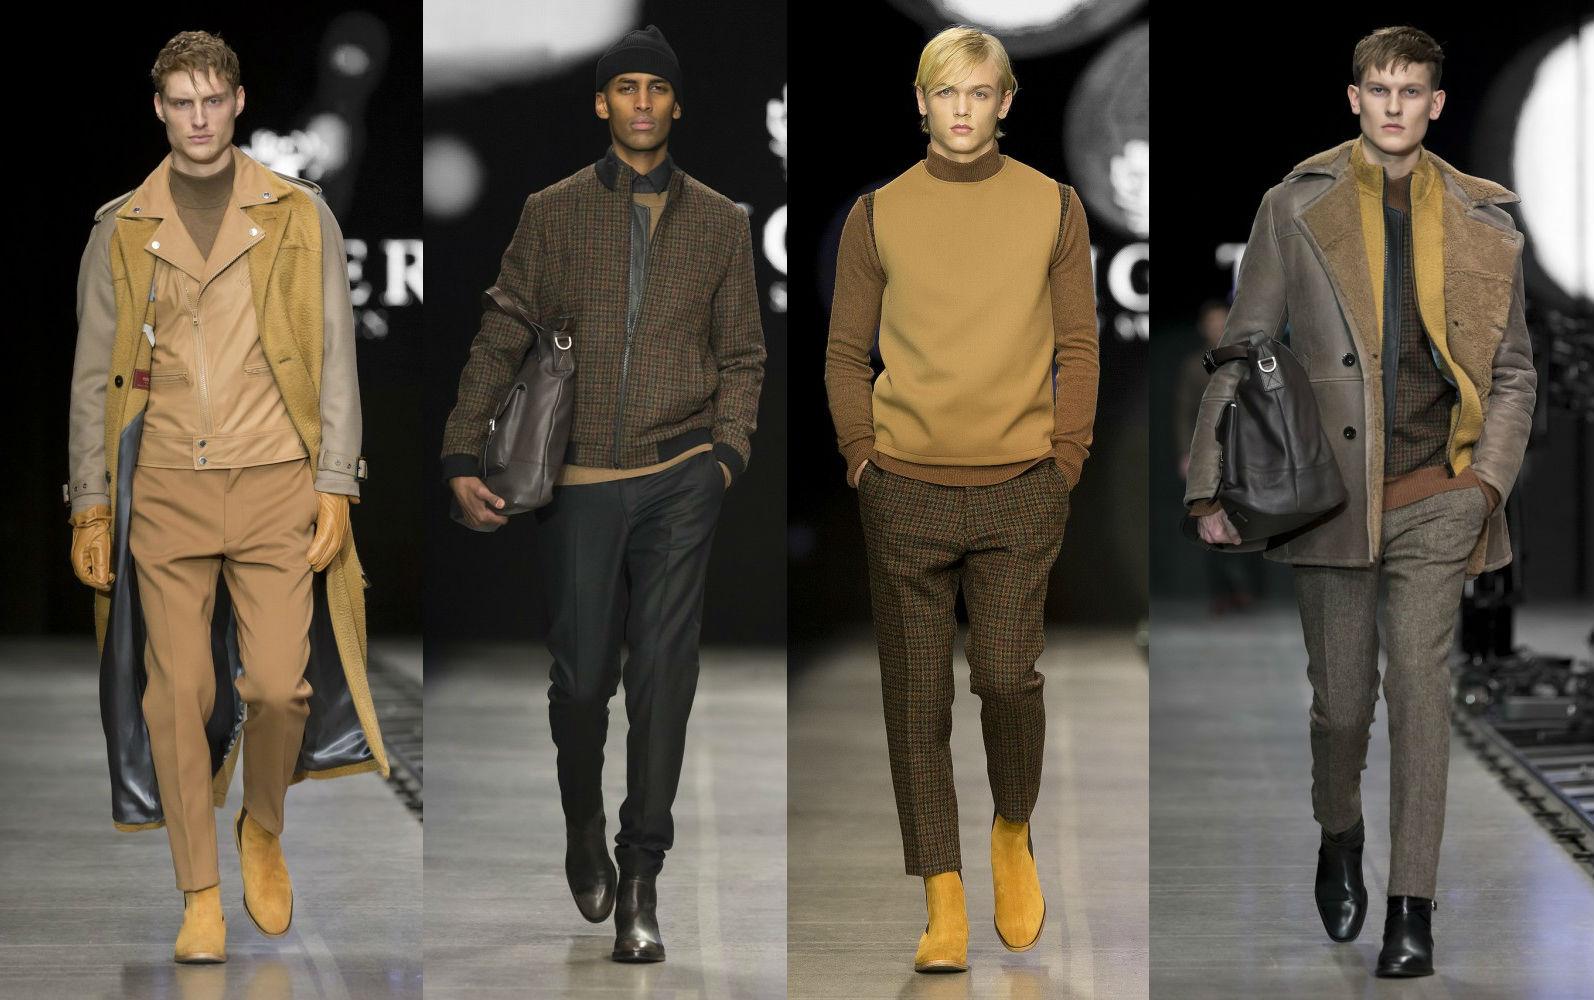 Предлагаем познакомиться с ТОПом основных трендов мужской моды, следуя  которым вы сможете создавать стильные луки под любую ситуацию. d76db1c4ae3